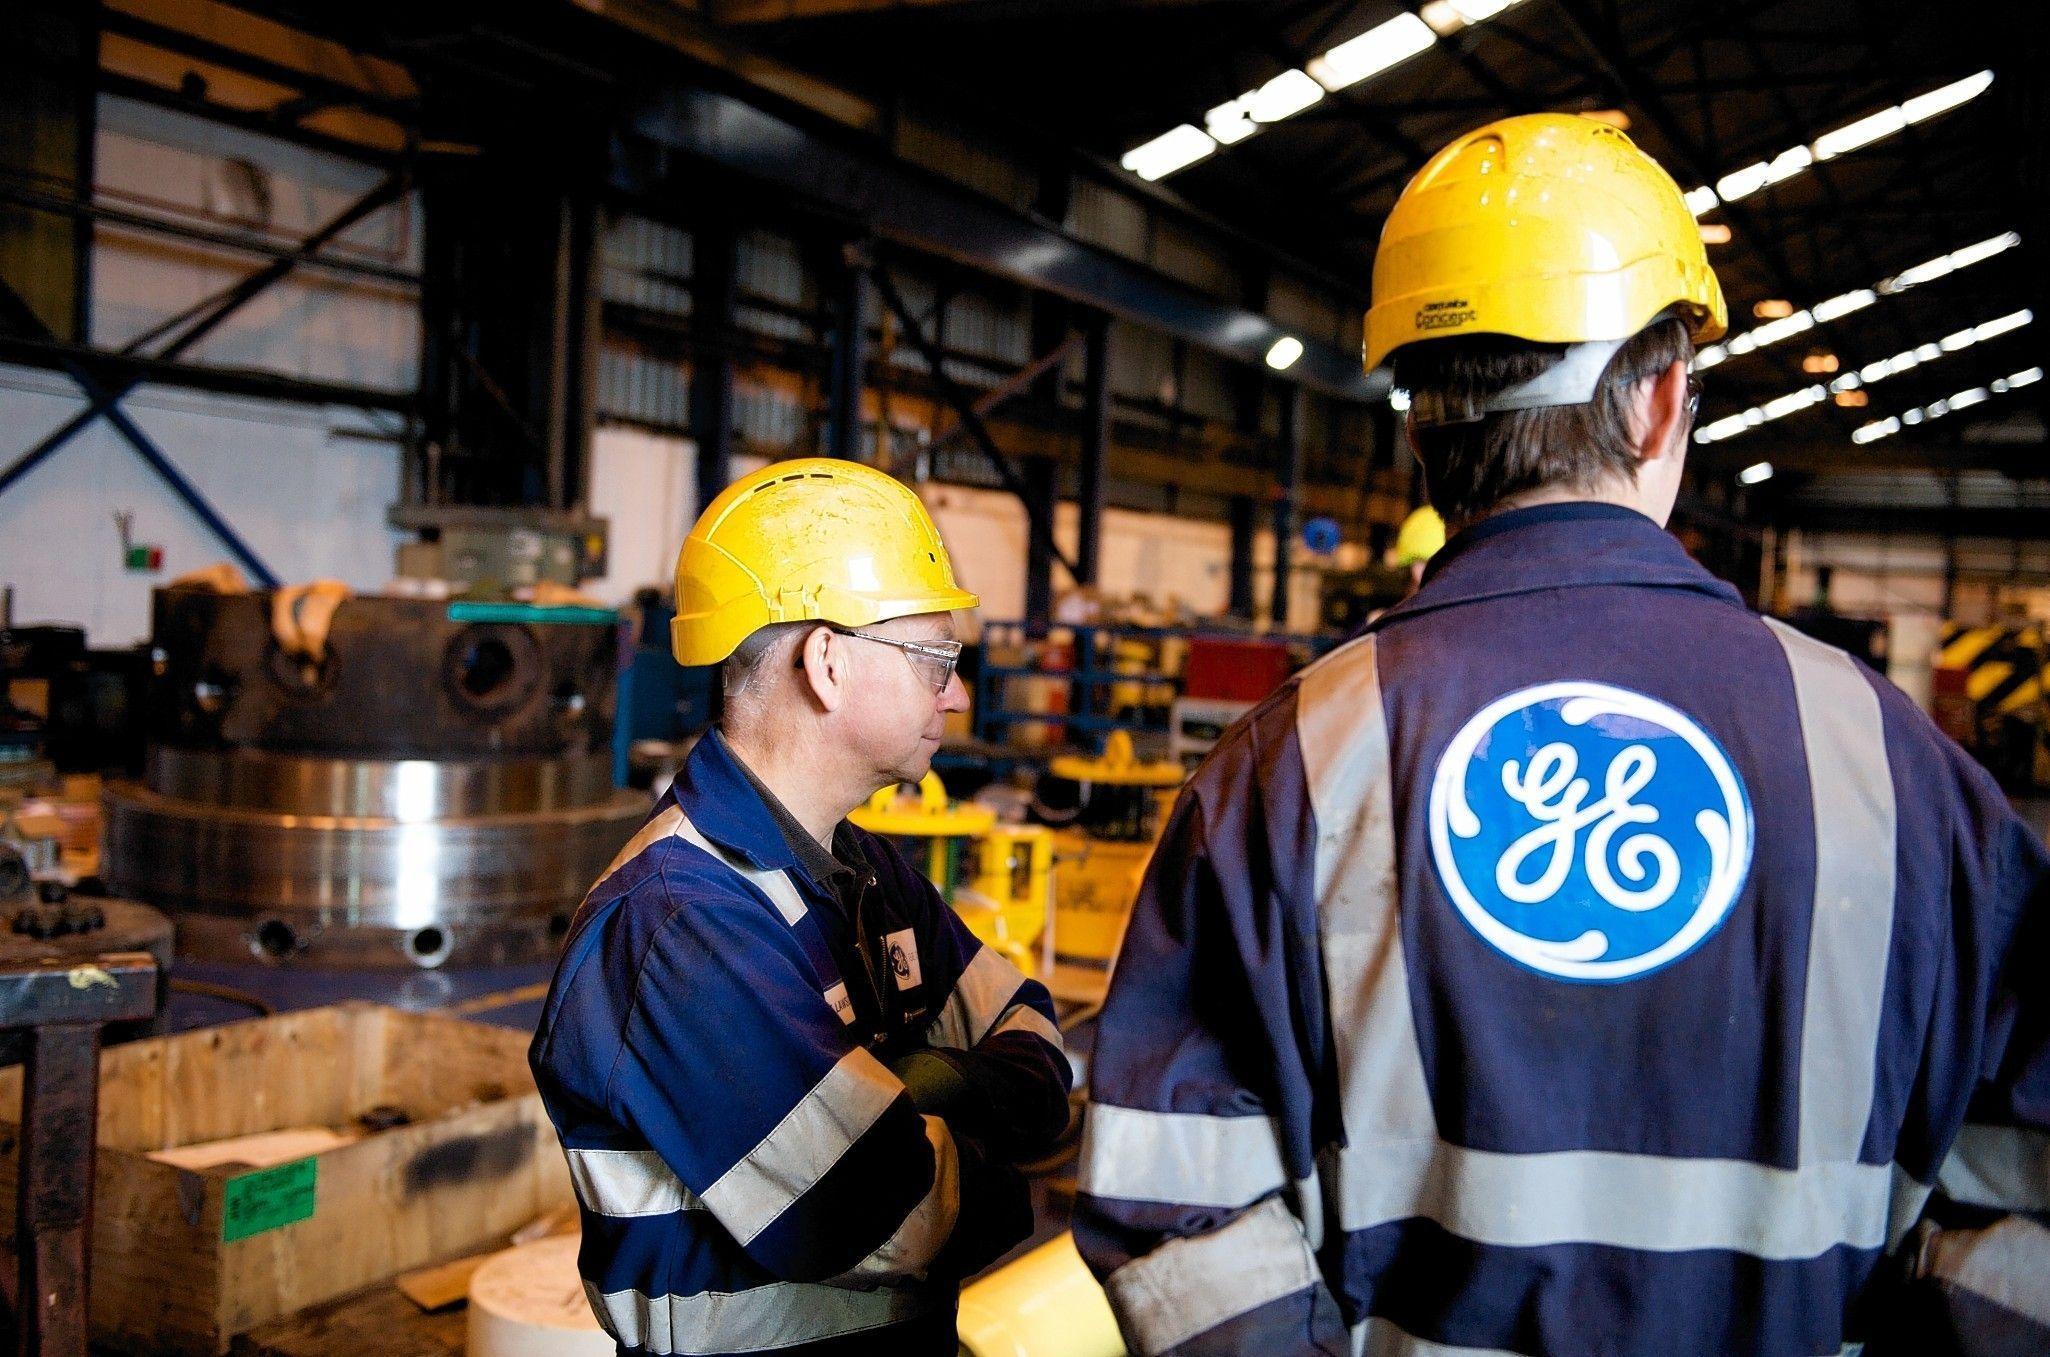 Vagas de ensino médio e superior para trabalhar em fábrica da multinacional General Eletric - GE